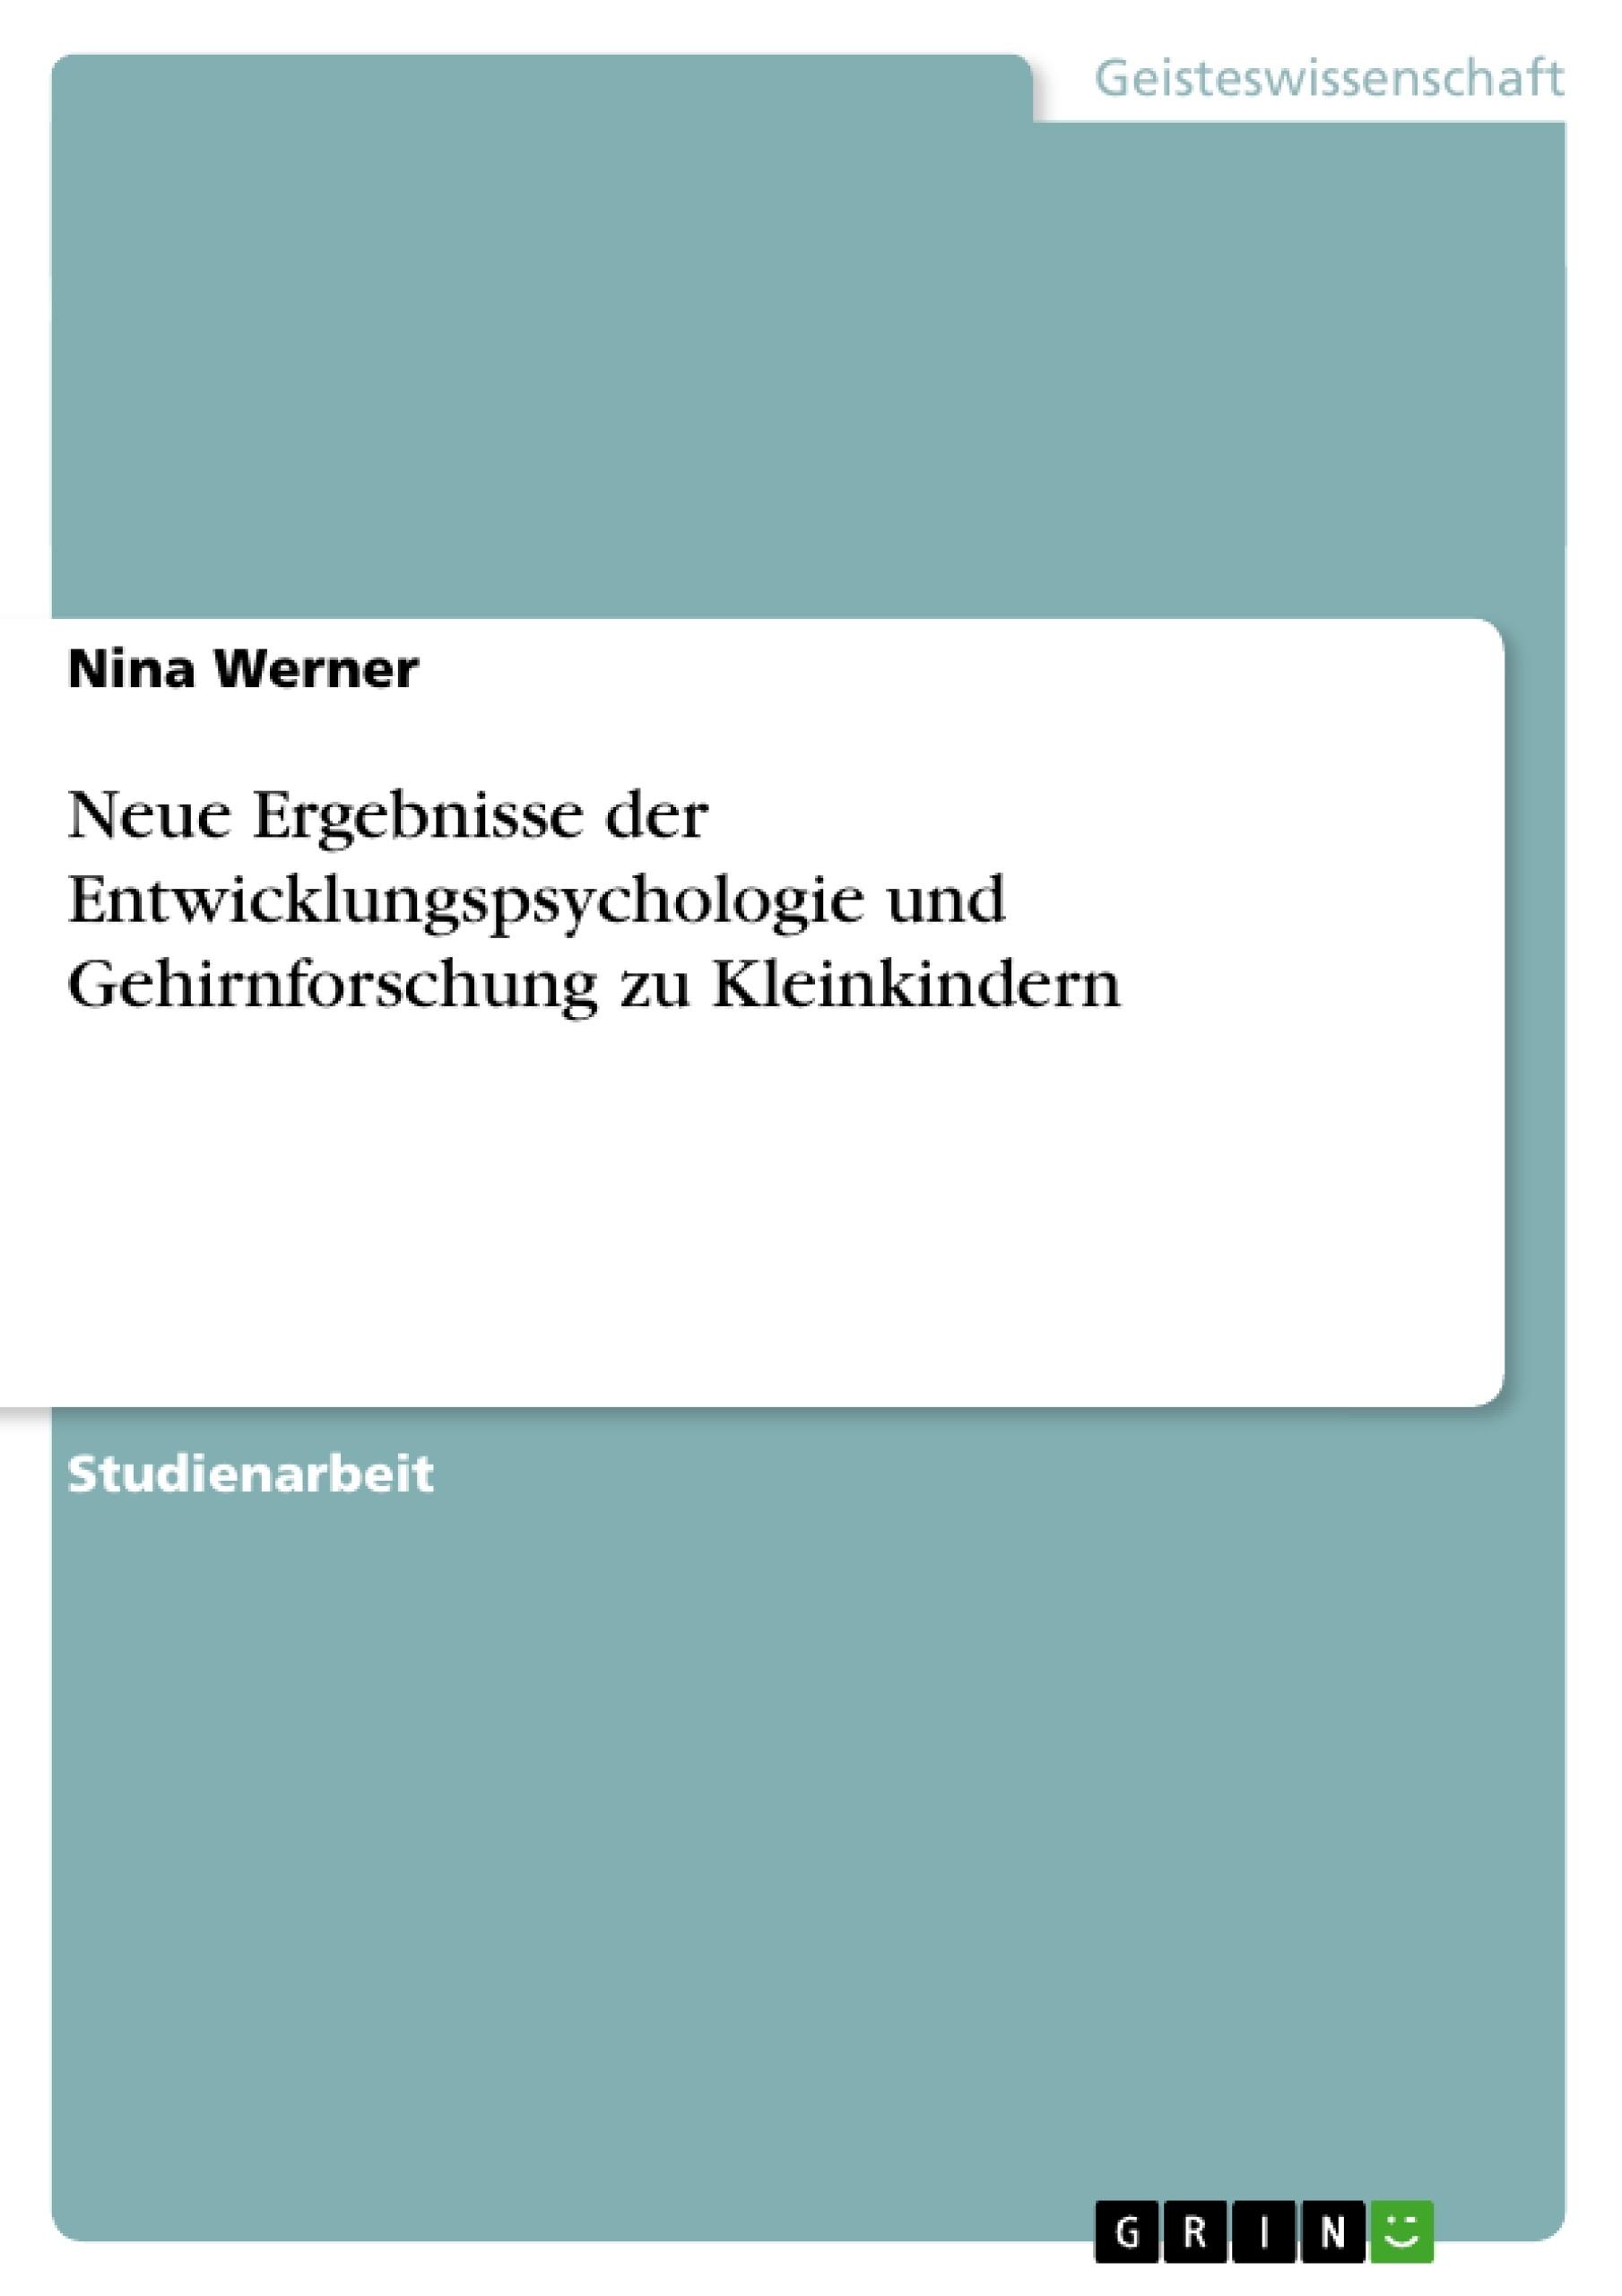 Titel: Neue Ergebnisse der Entwicklungspsychologie und Gehirnforschung zu Kleinkindern